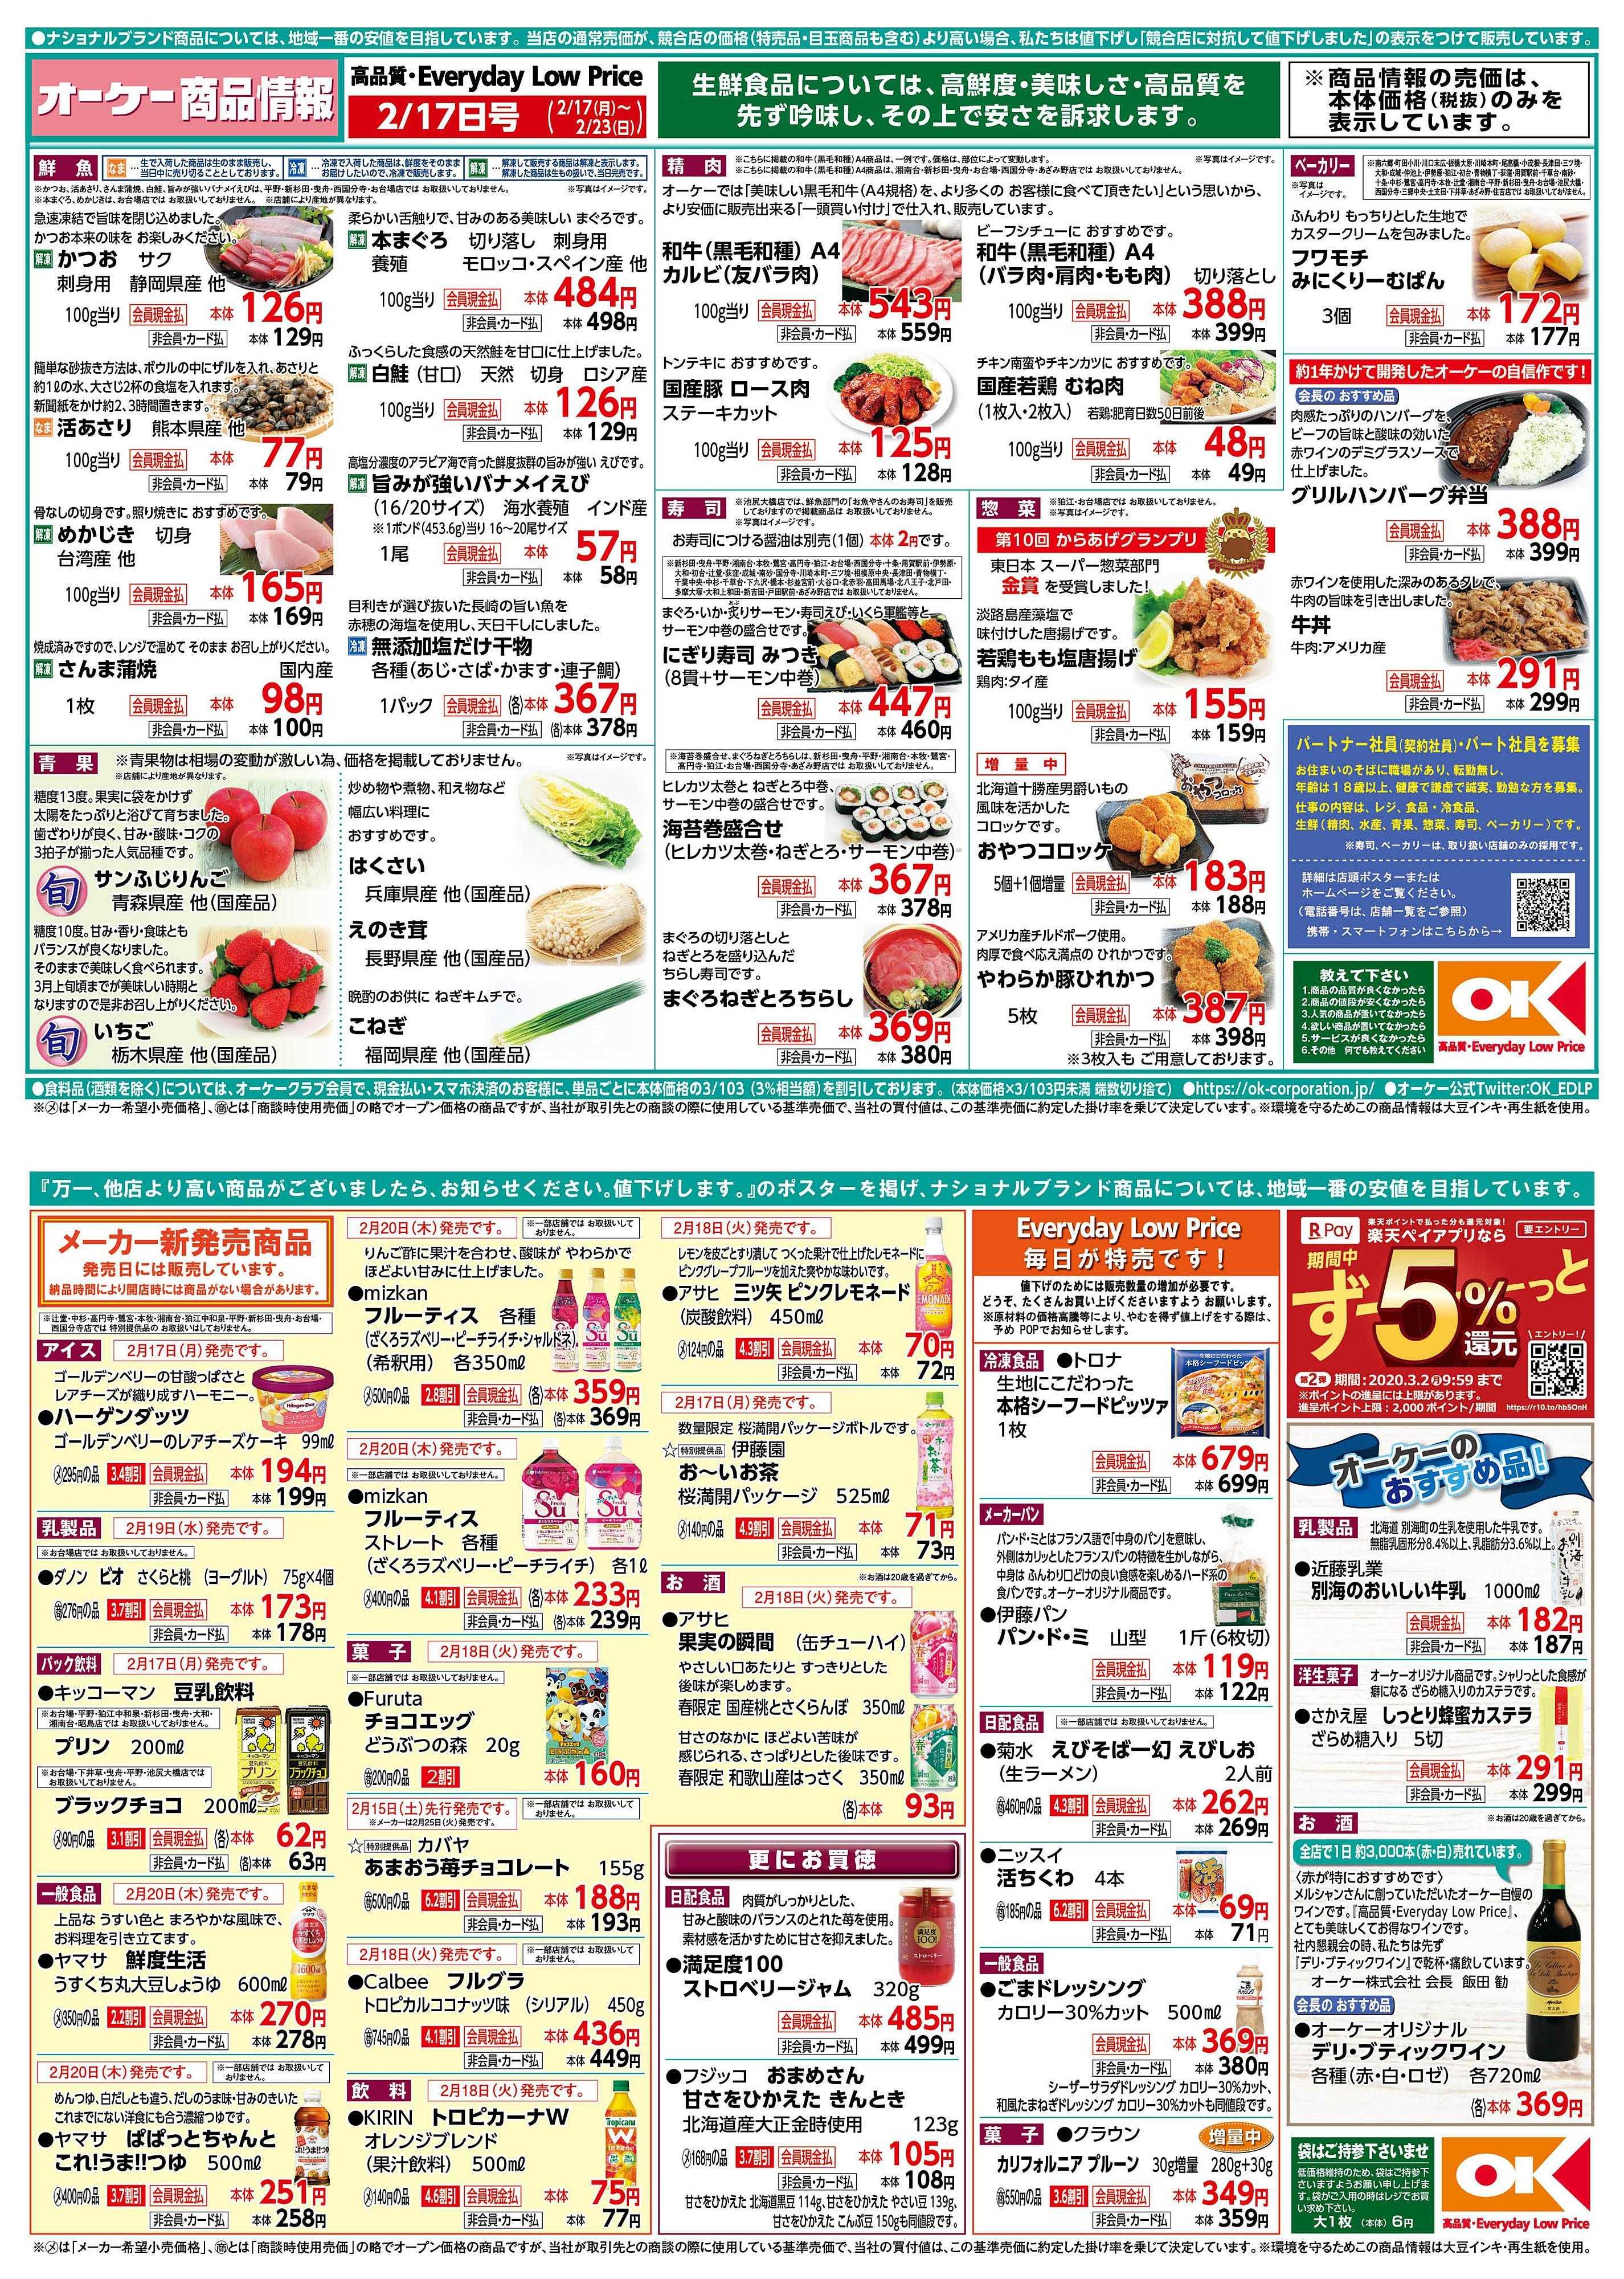 オーケー 商品情報紙2月17日号